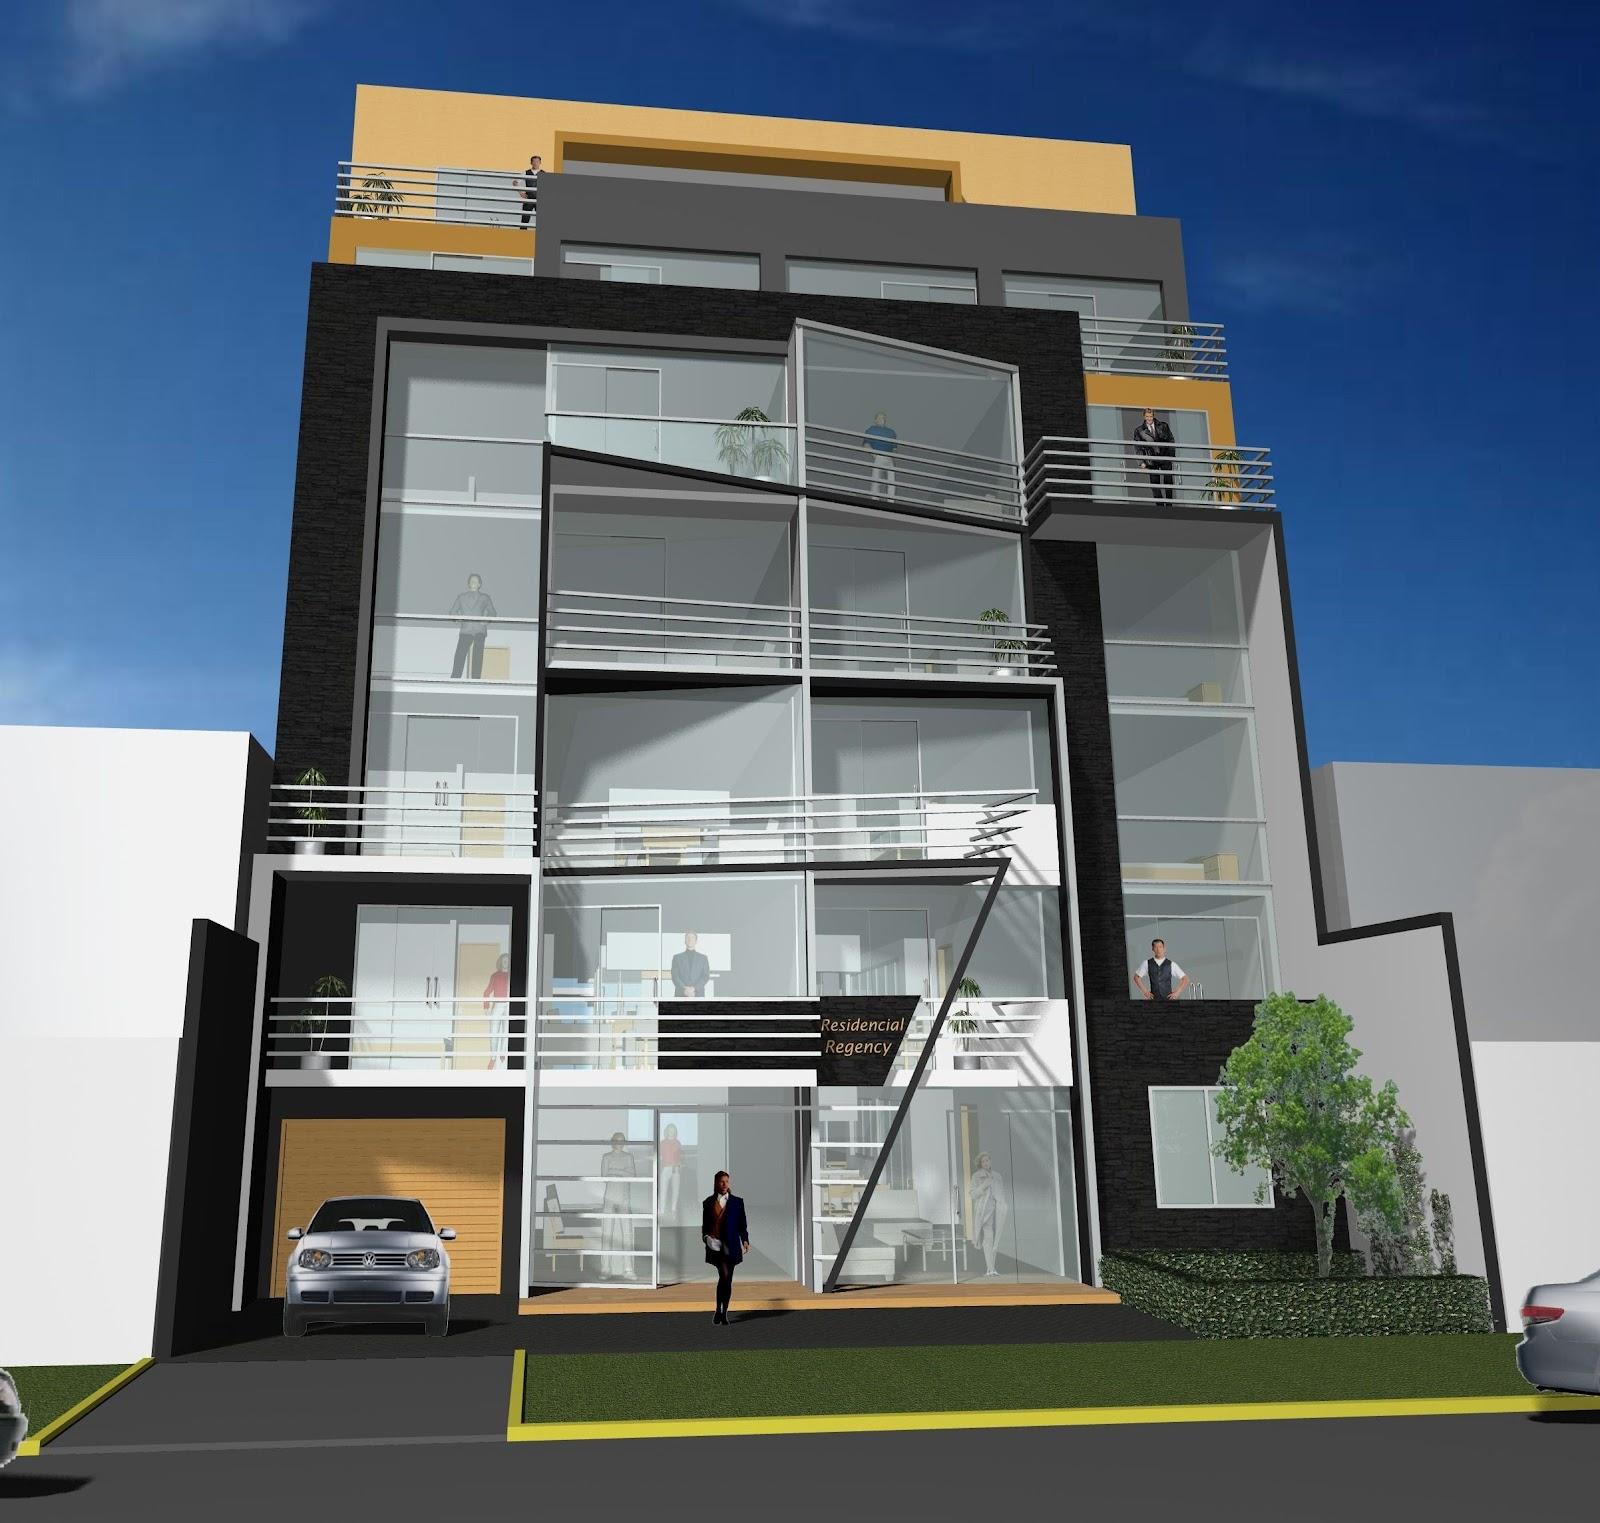 Santiago des1gns dise o de edificios multi familiares - Edificios minimalistas ...